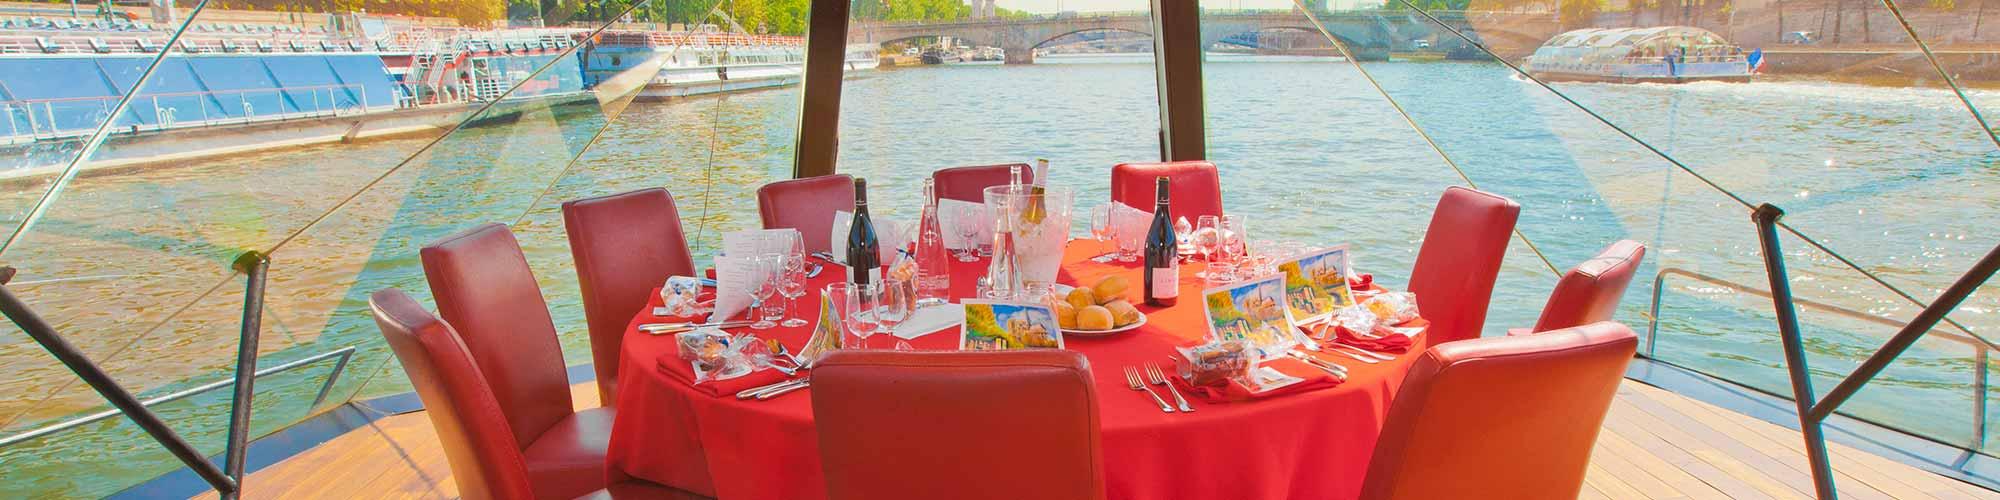 Dîner croisière : quels sont les critères à tenir en compte pour un bon dîner croisière ?